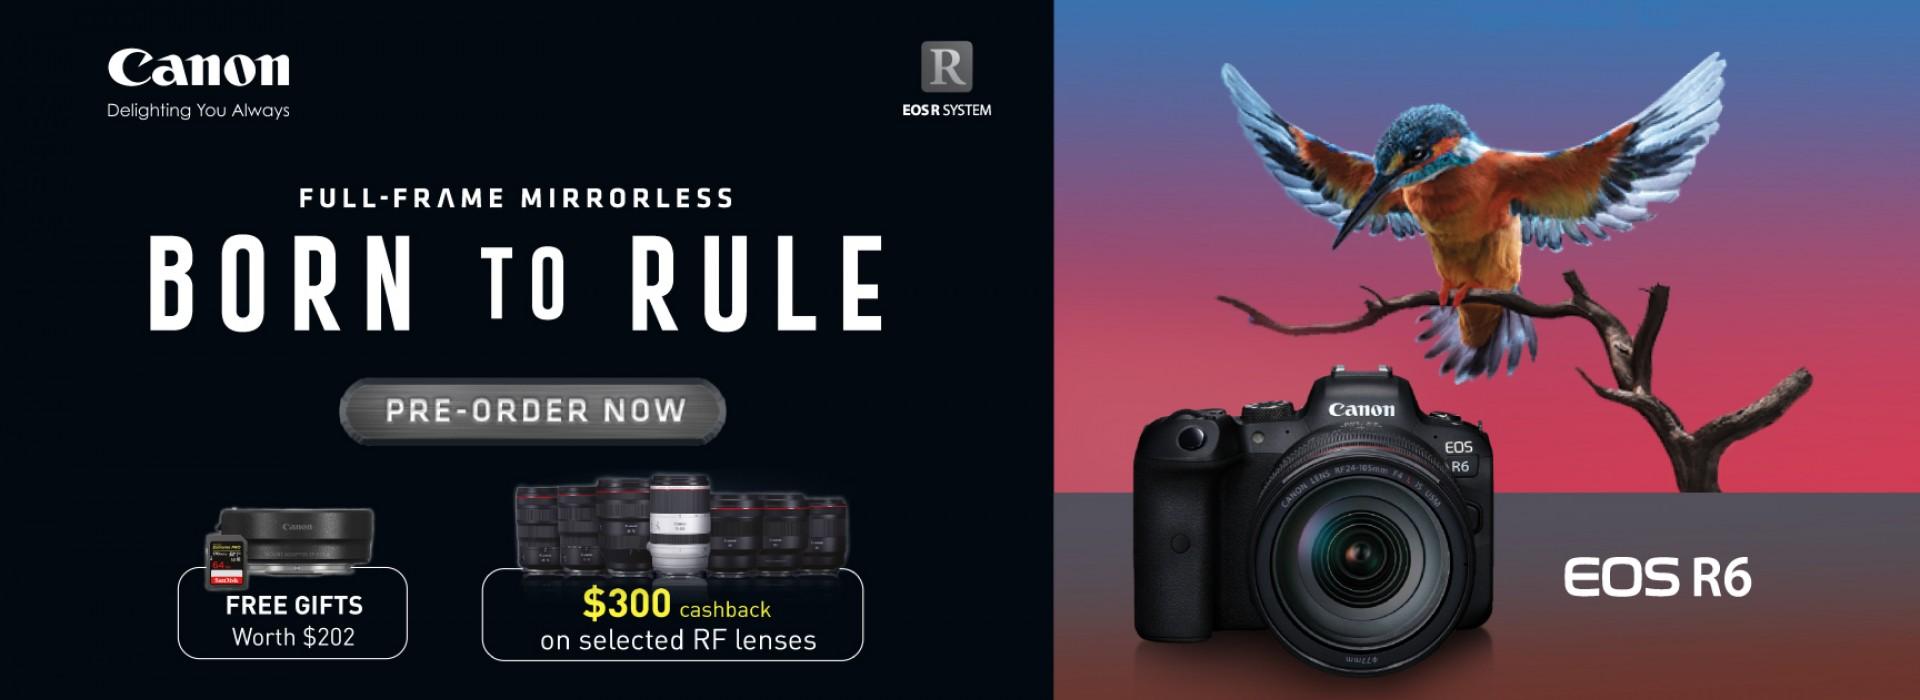 Canon EOS R6 Preorder